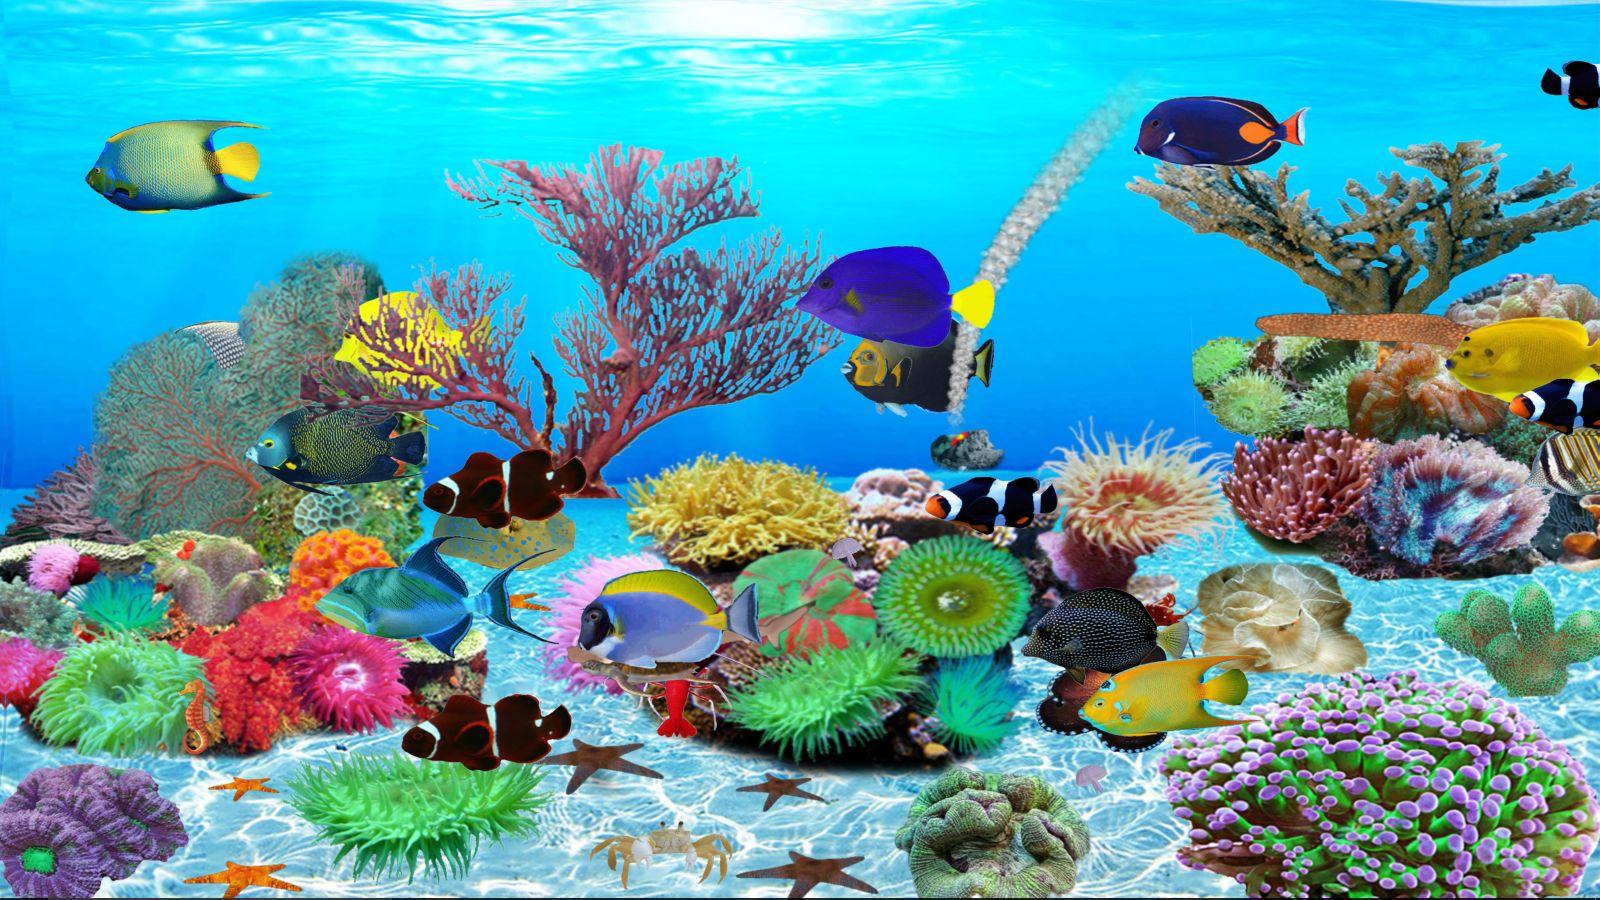 aquarium-du-monde-sous-marin-telechargement